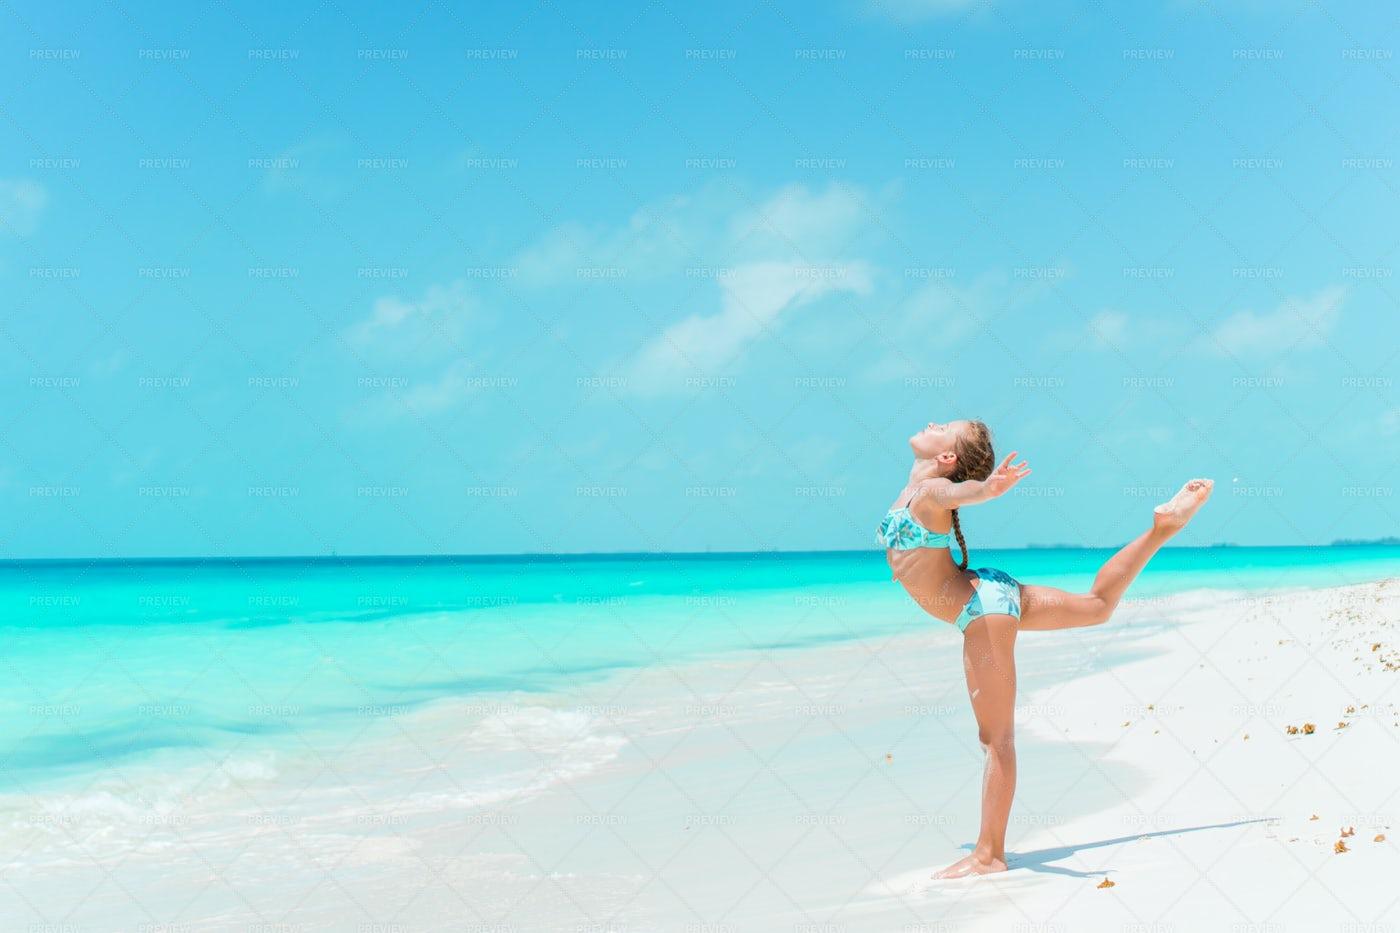 Little Dancer On Beach: Stock Photos